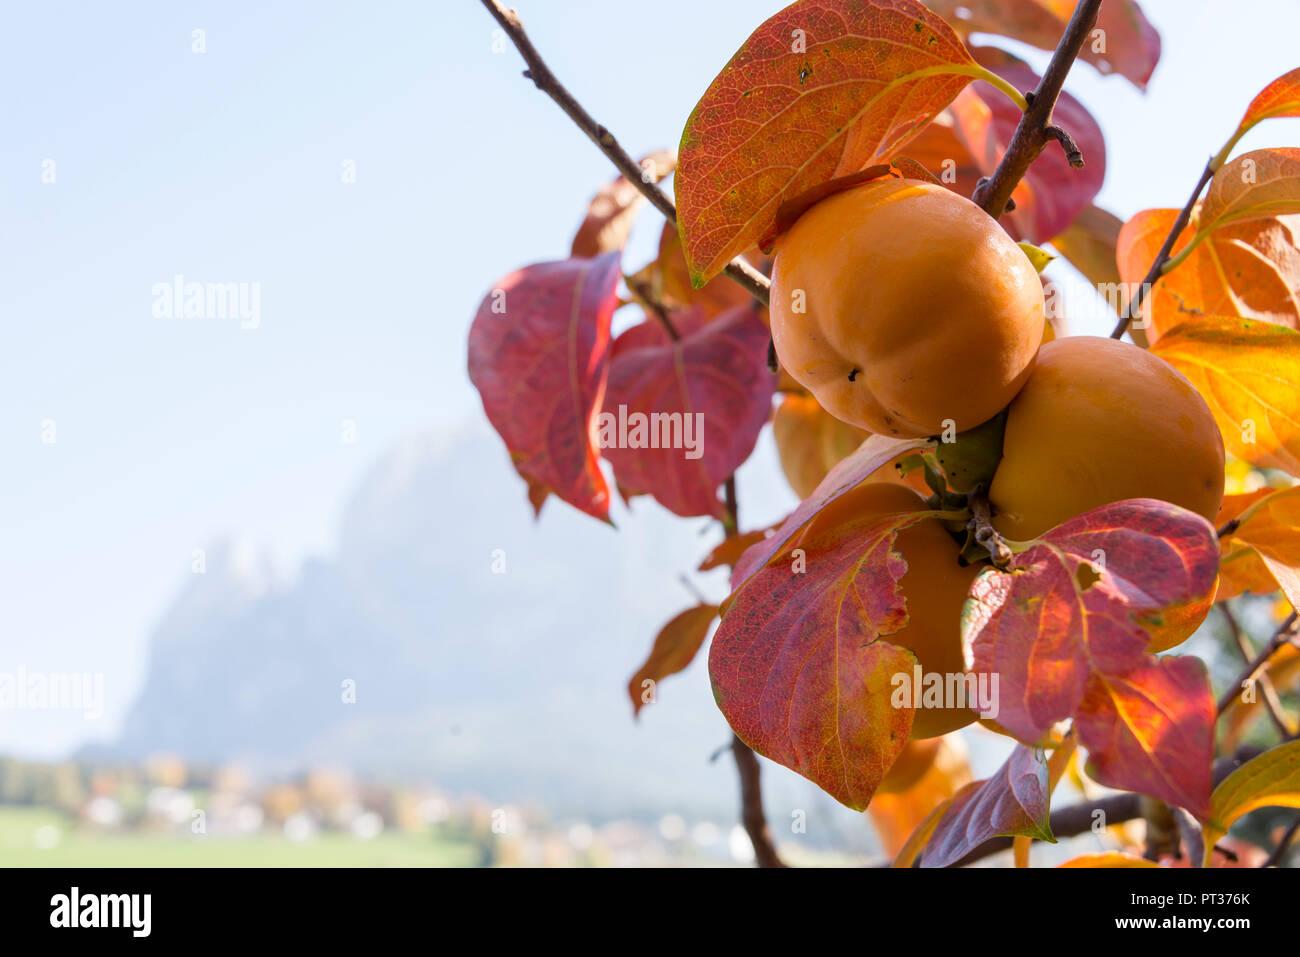 Apple tree vor Romantik Hotel Turm, mit Blick auf den Schlern, Völs am Schlern, Seiser Alm, Dolomiten, Südtirol, Italien Stockbild